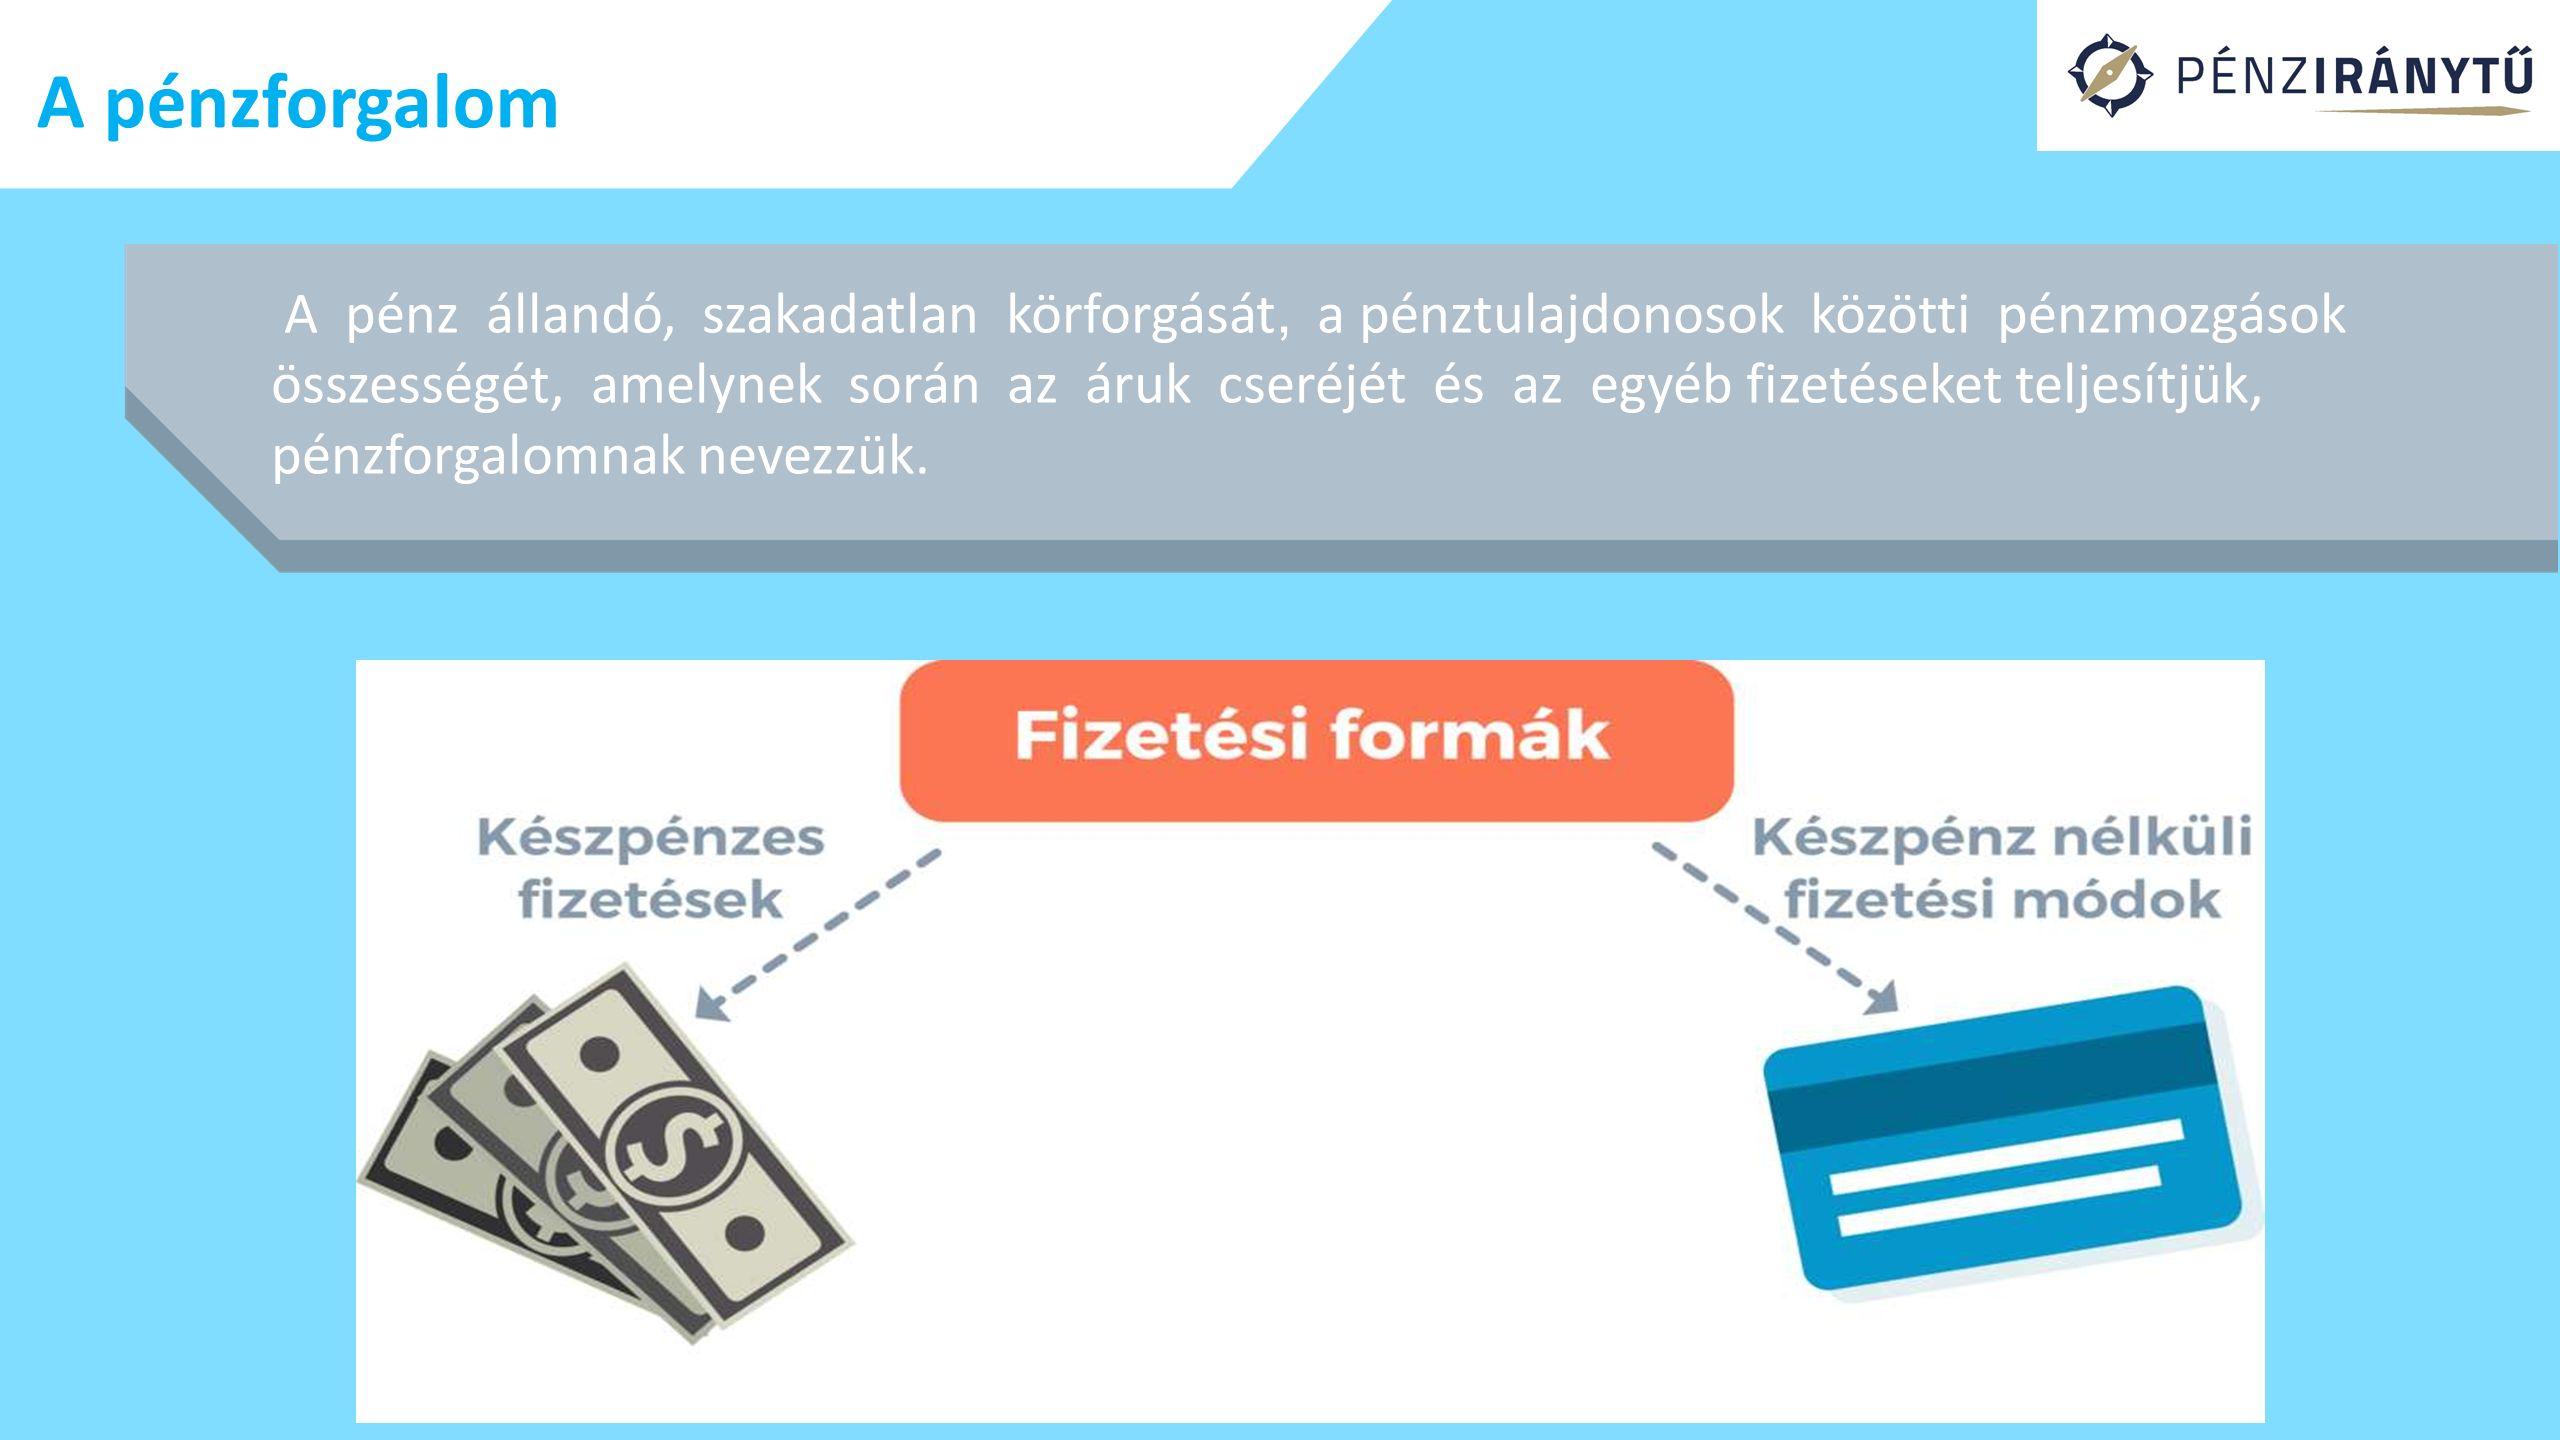 A pénzforgalom A pénz állandó, szakadatlan körforgását, a pénztulajdonosok közötti pénzmozgások összességét, amelynek során az áruk cseréjét és az egy